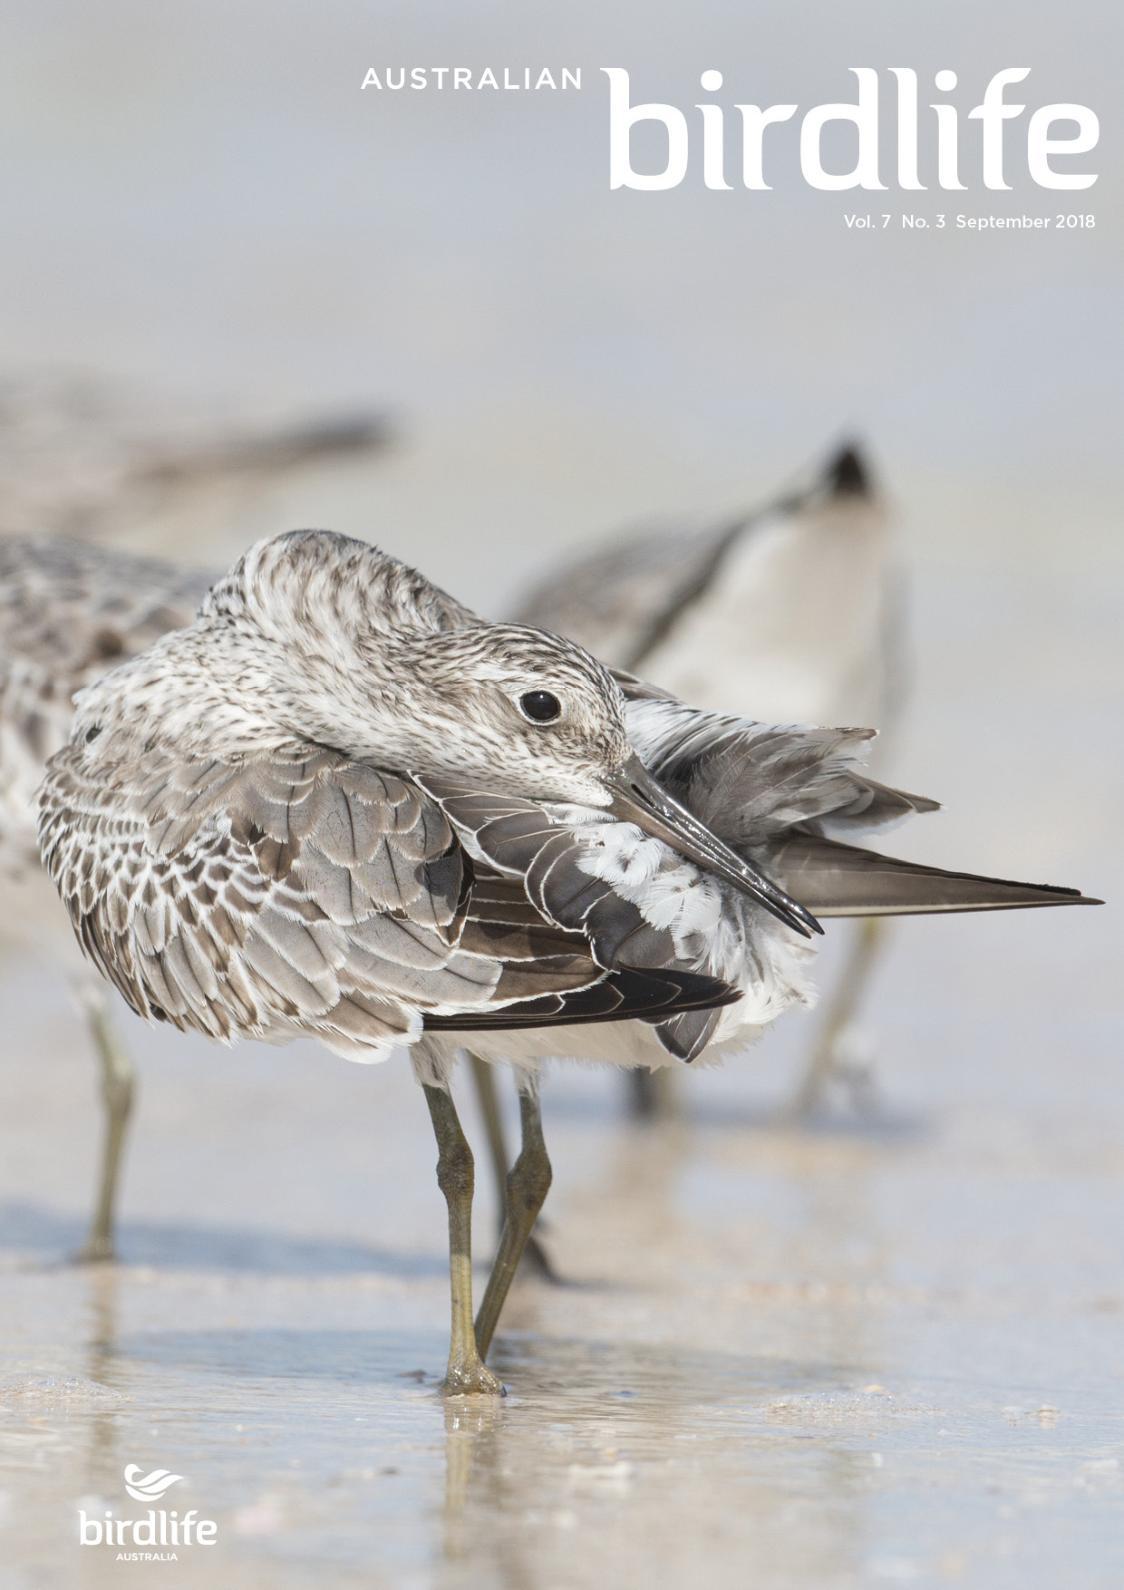 Australian Birdlife September 2018